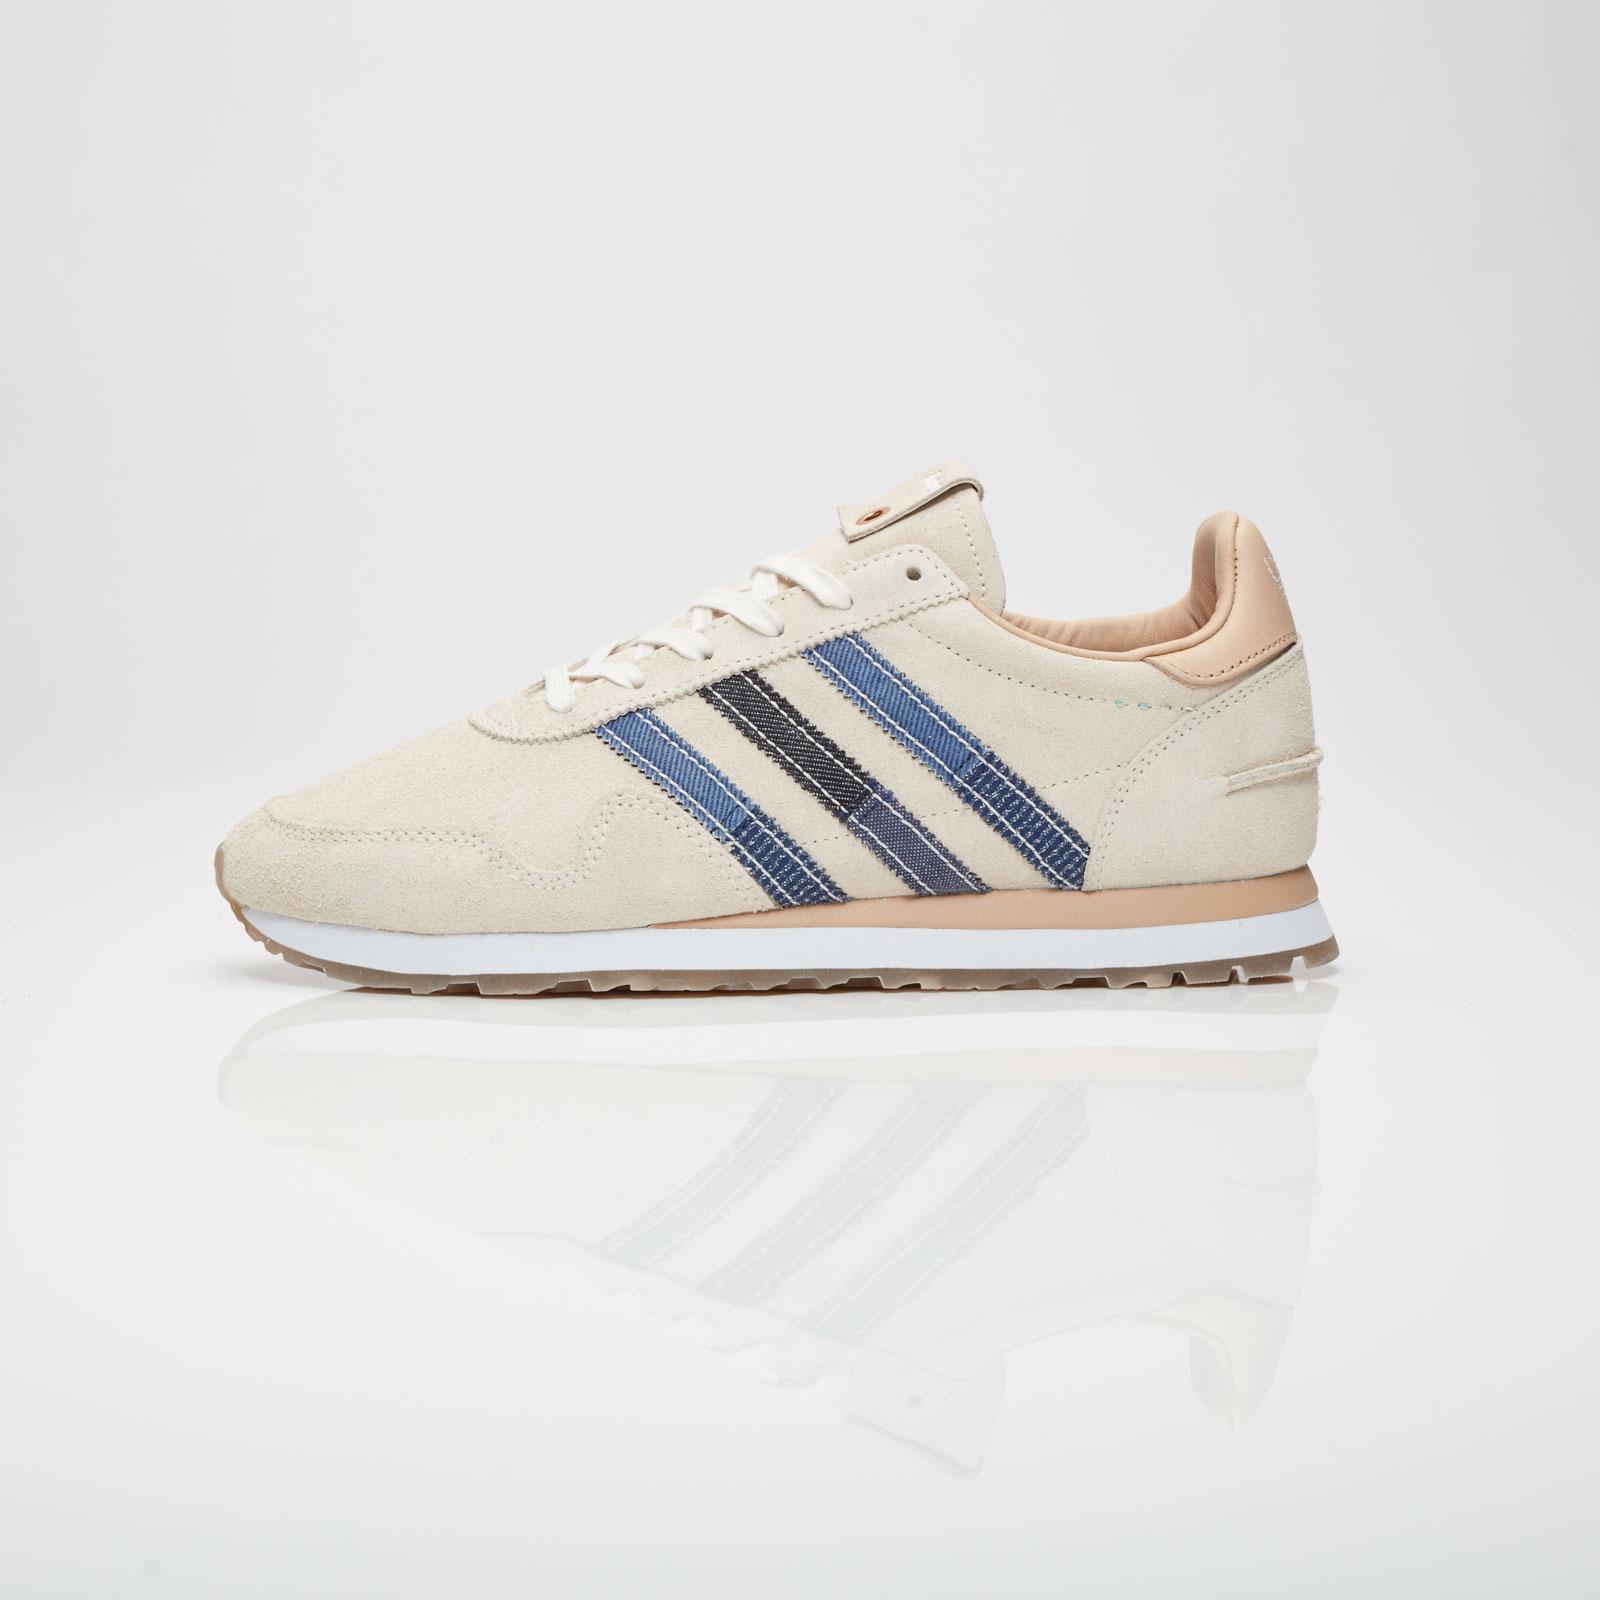 adidas Haven Schuh | Adidas, Sneakers n stuff, Adidas sneakers